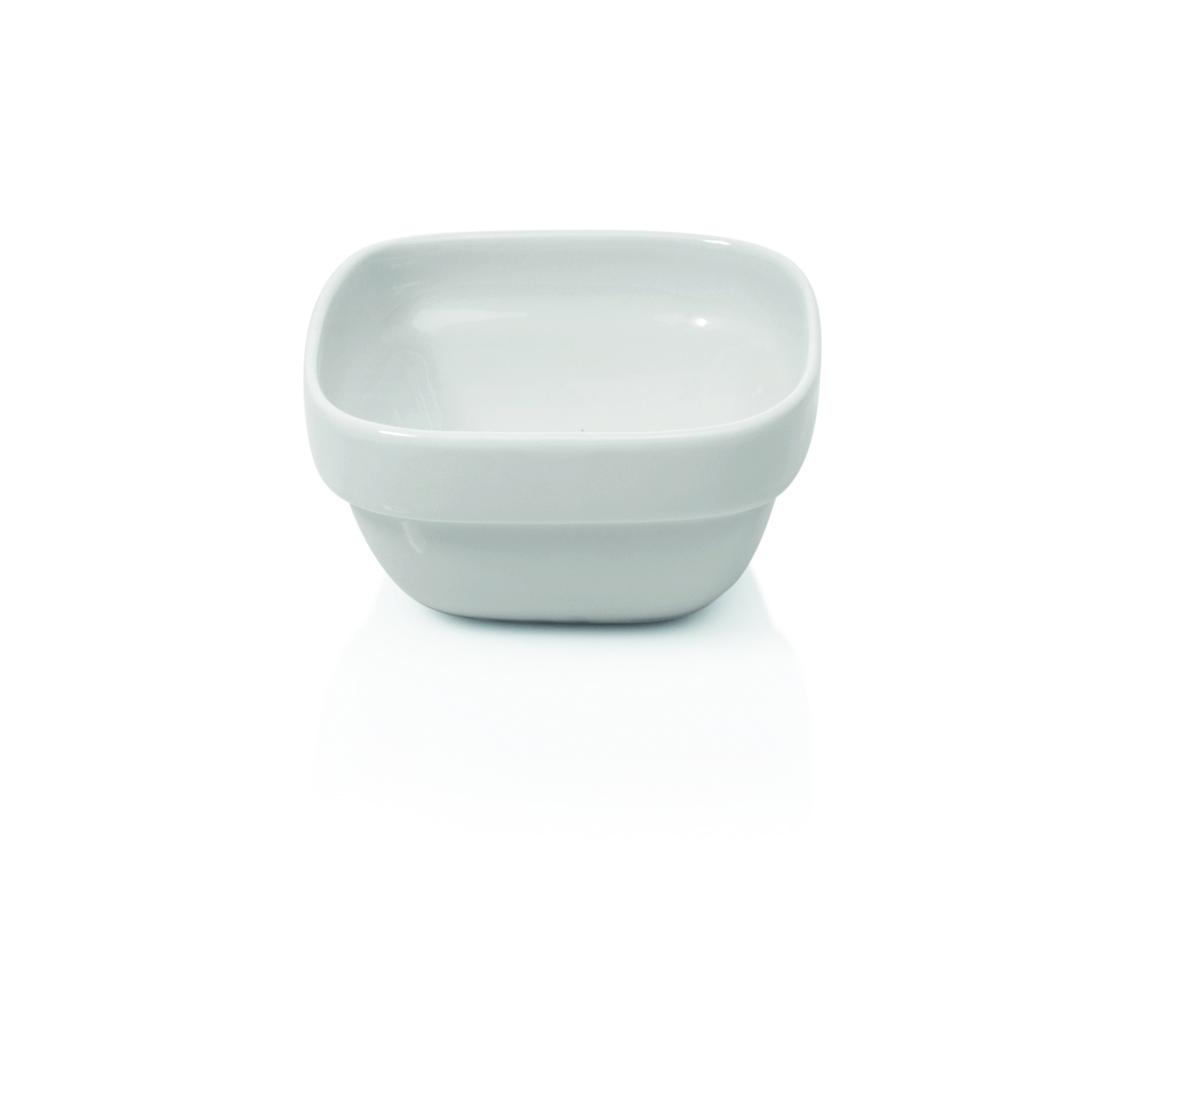 Schale aus Porzellan, viereckig 10x10x5,5 cm, 0,22 ltr weiß